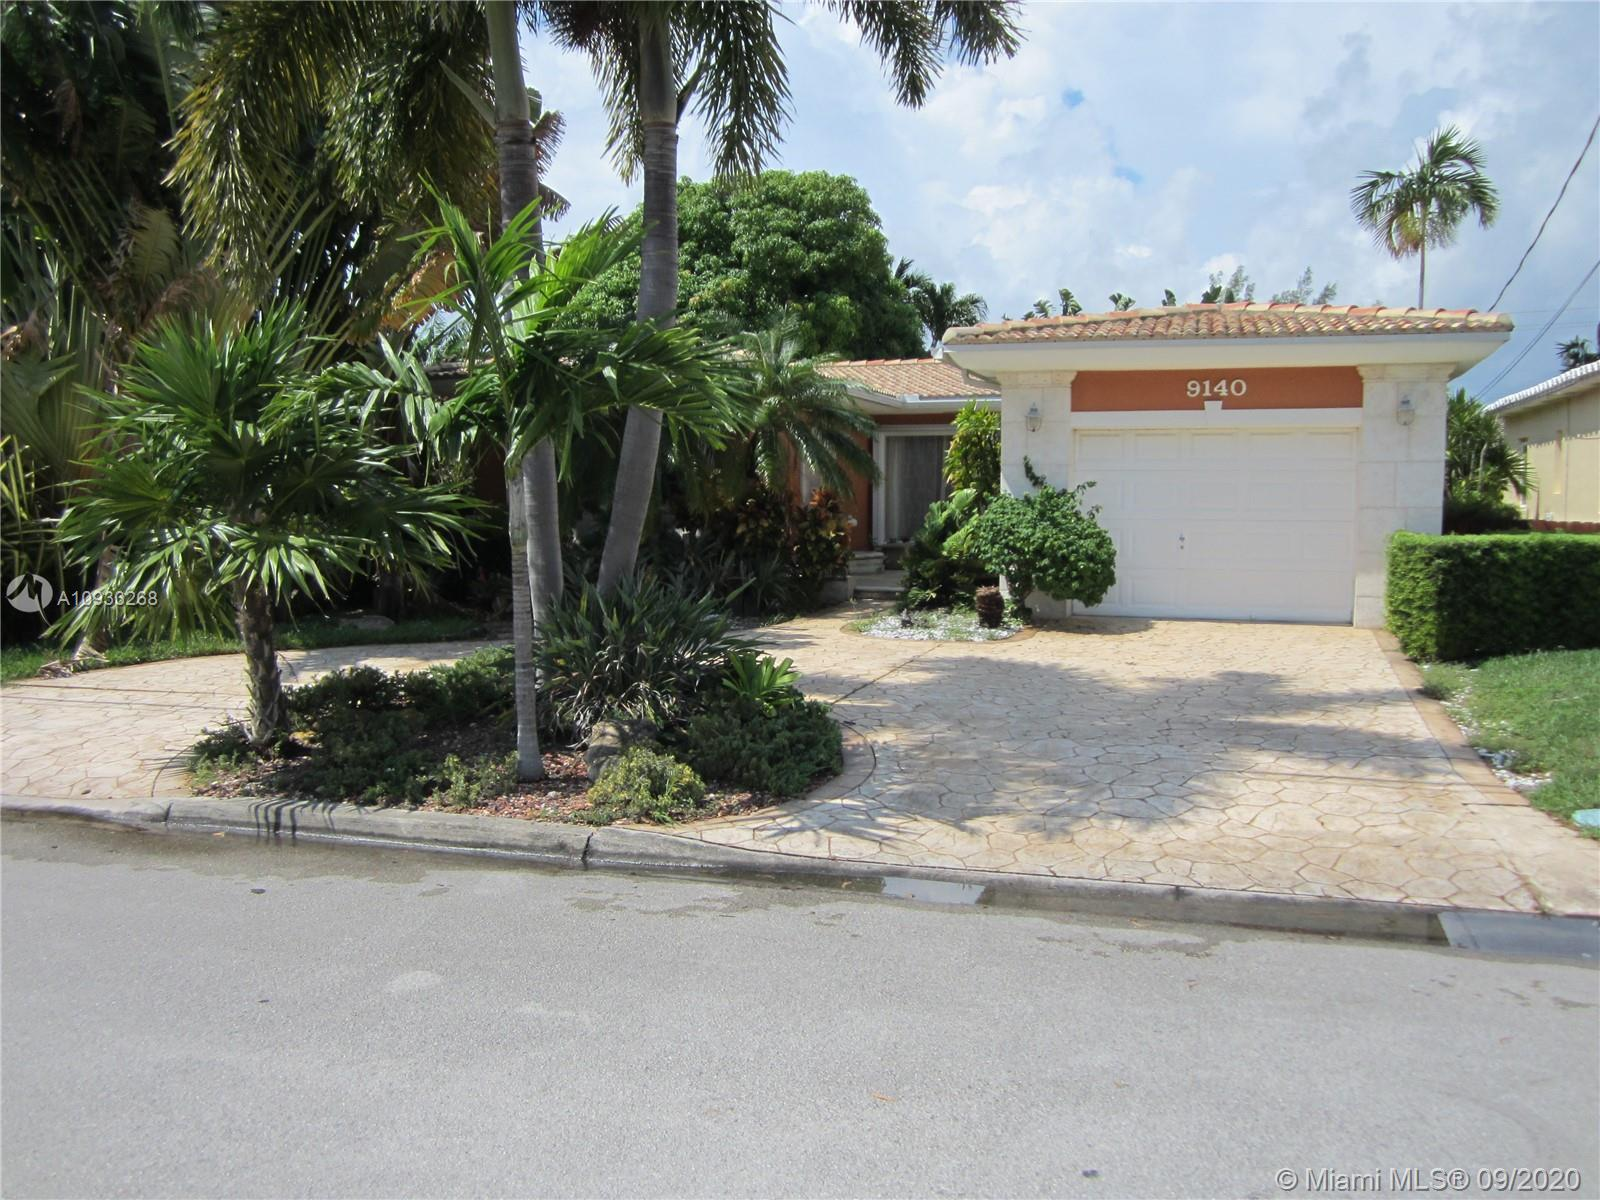 Altos Del Mar - 9140 Abbott Ave, Surfside, FL 33154